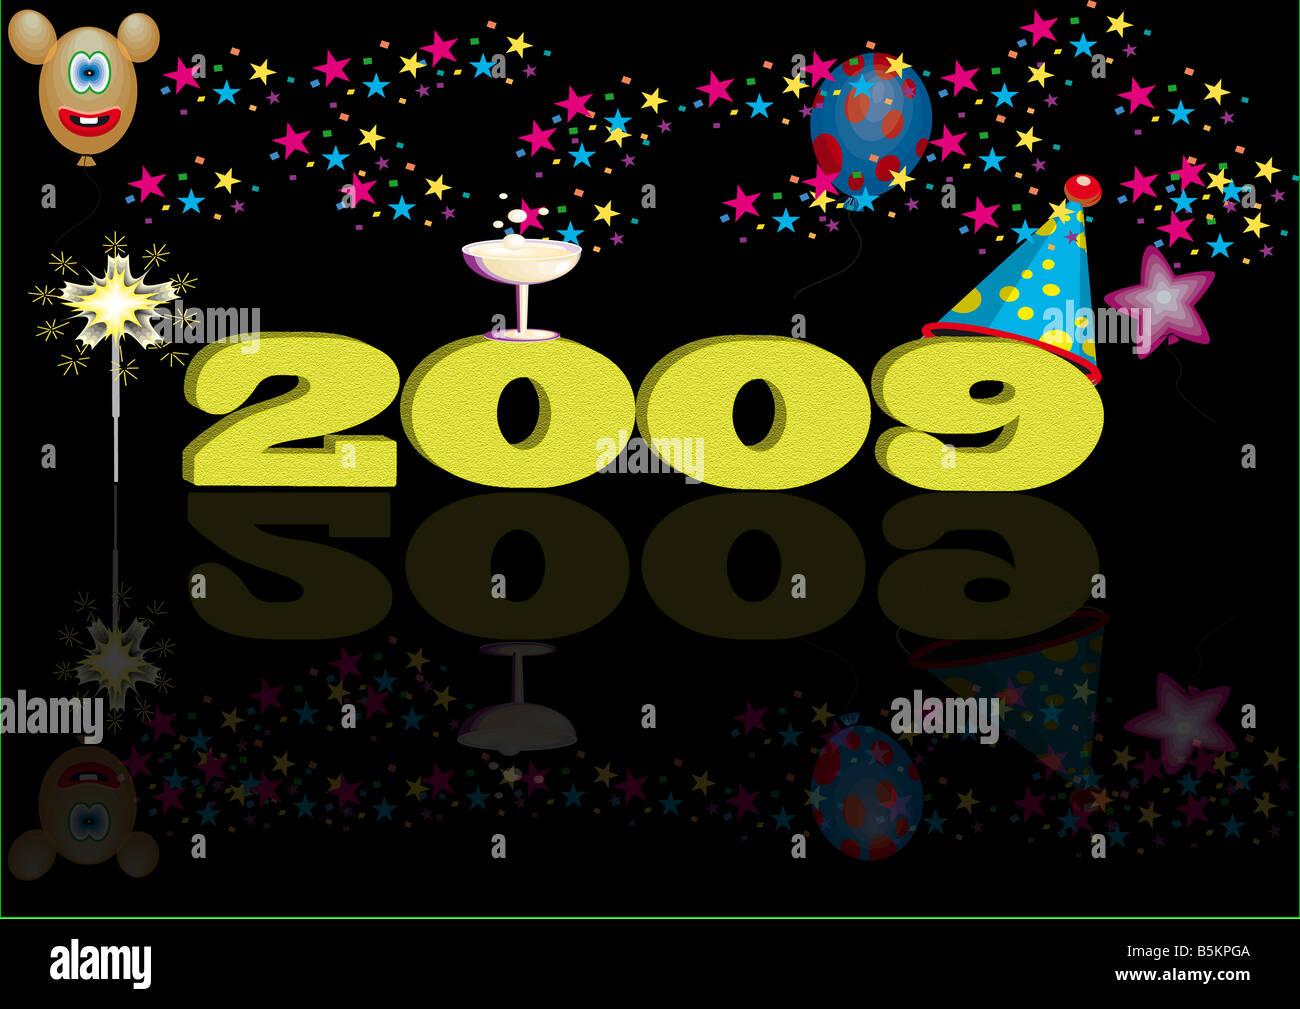 2009 happy - Stock Image